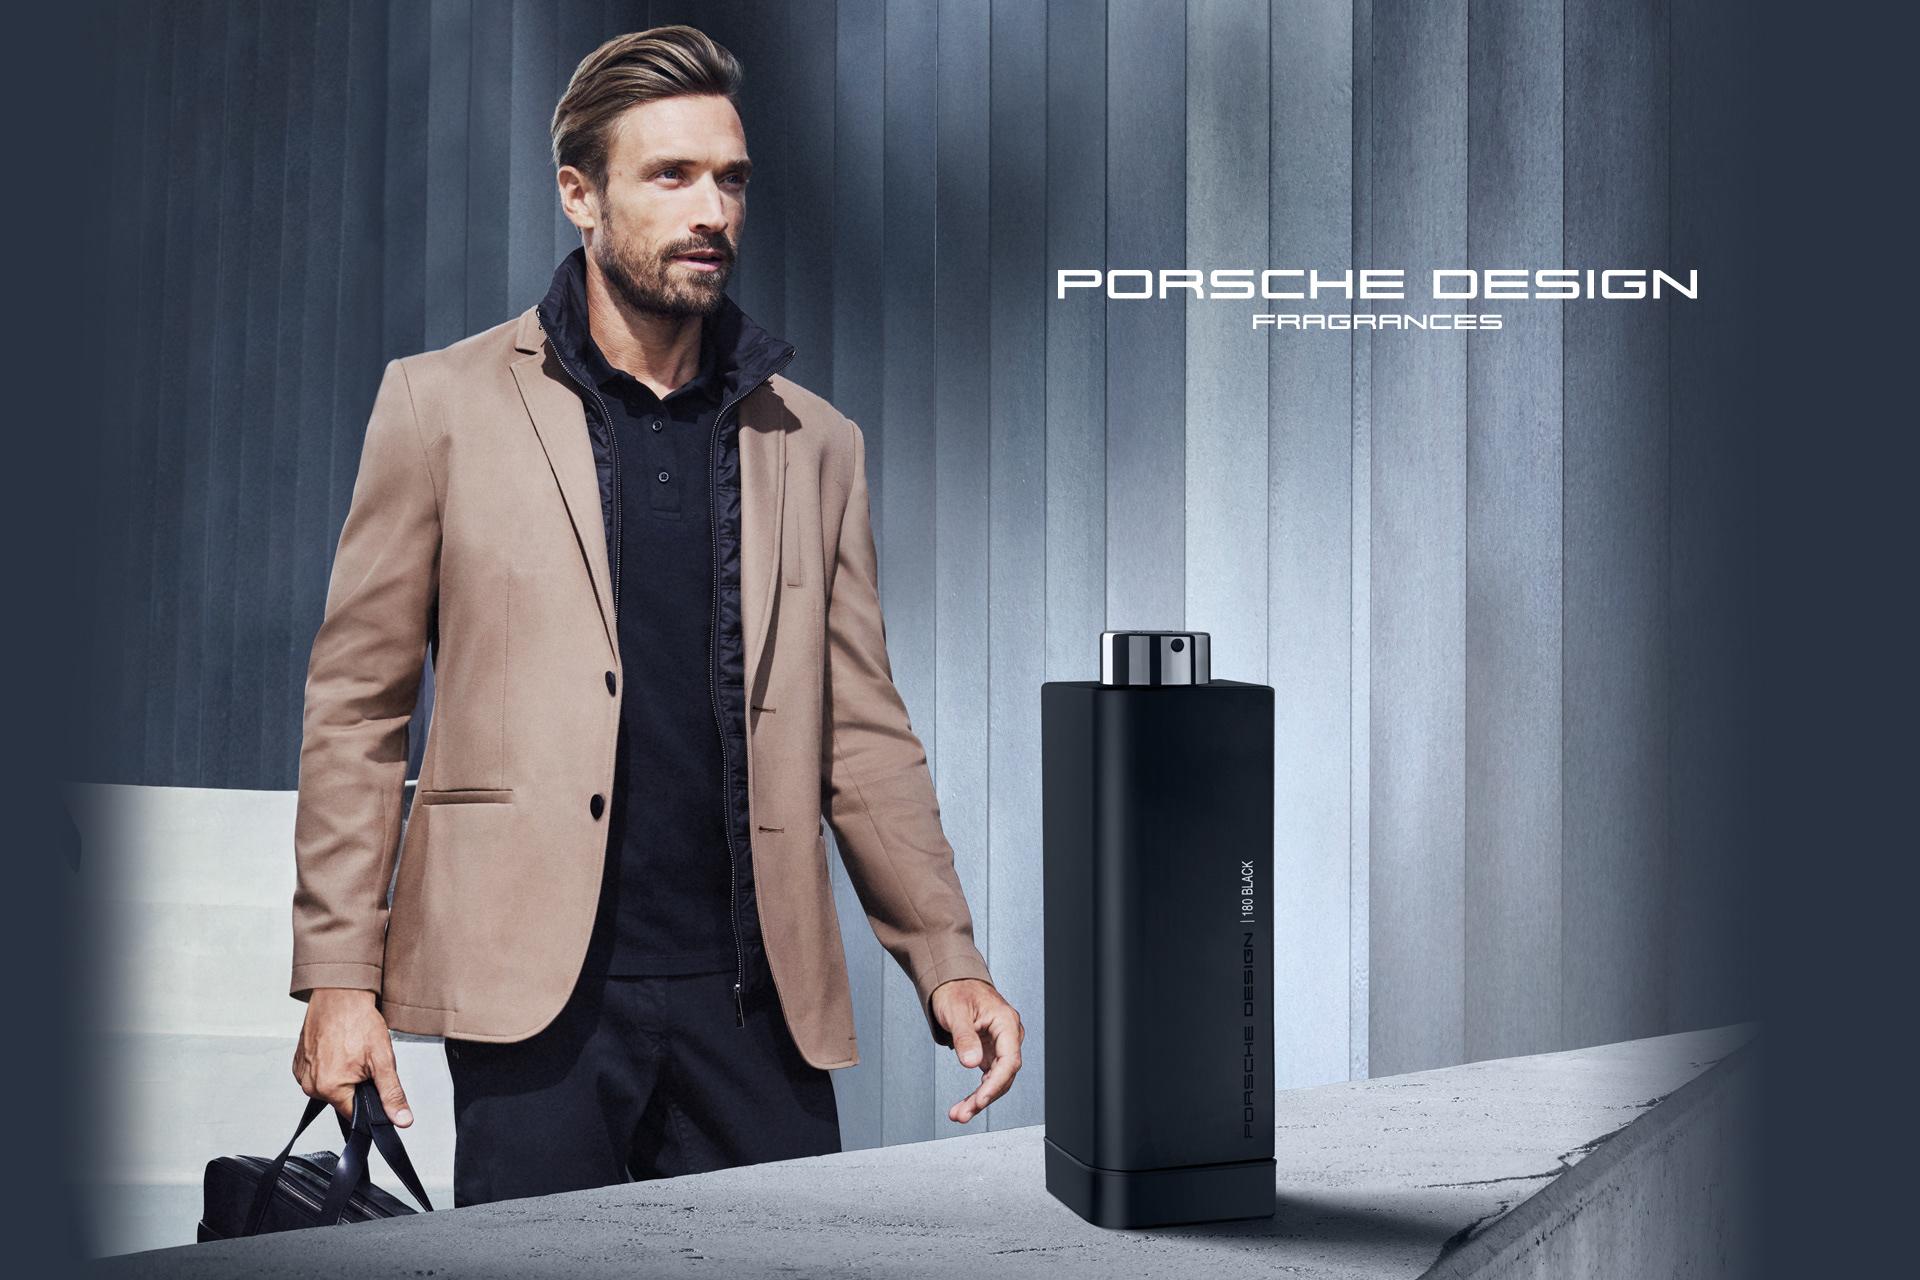 Designer Parfums - PORSCHE DESIGN